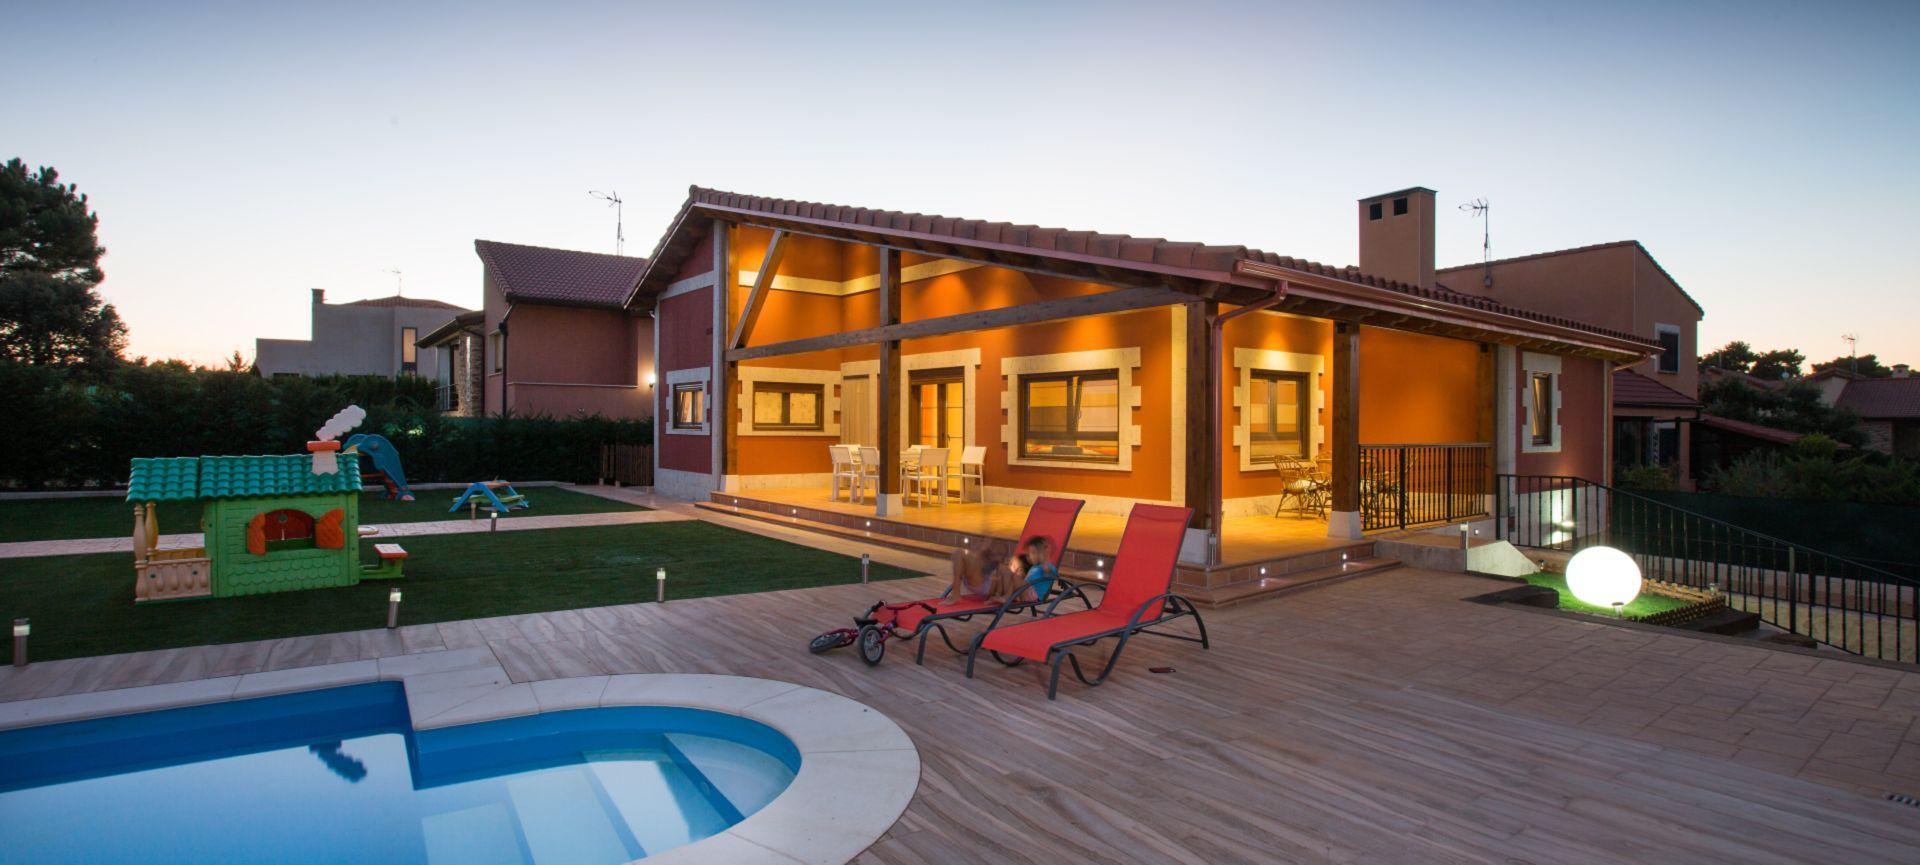 Casas prefabricadas modulares economicas y modernas eurocasa - Viviendas modulares baratas ...